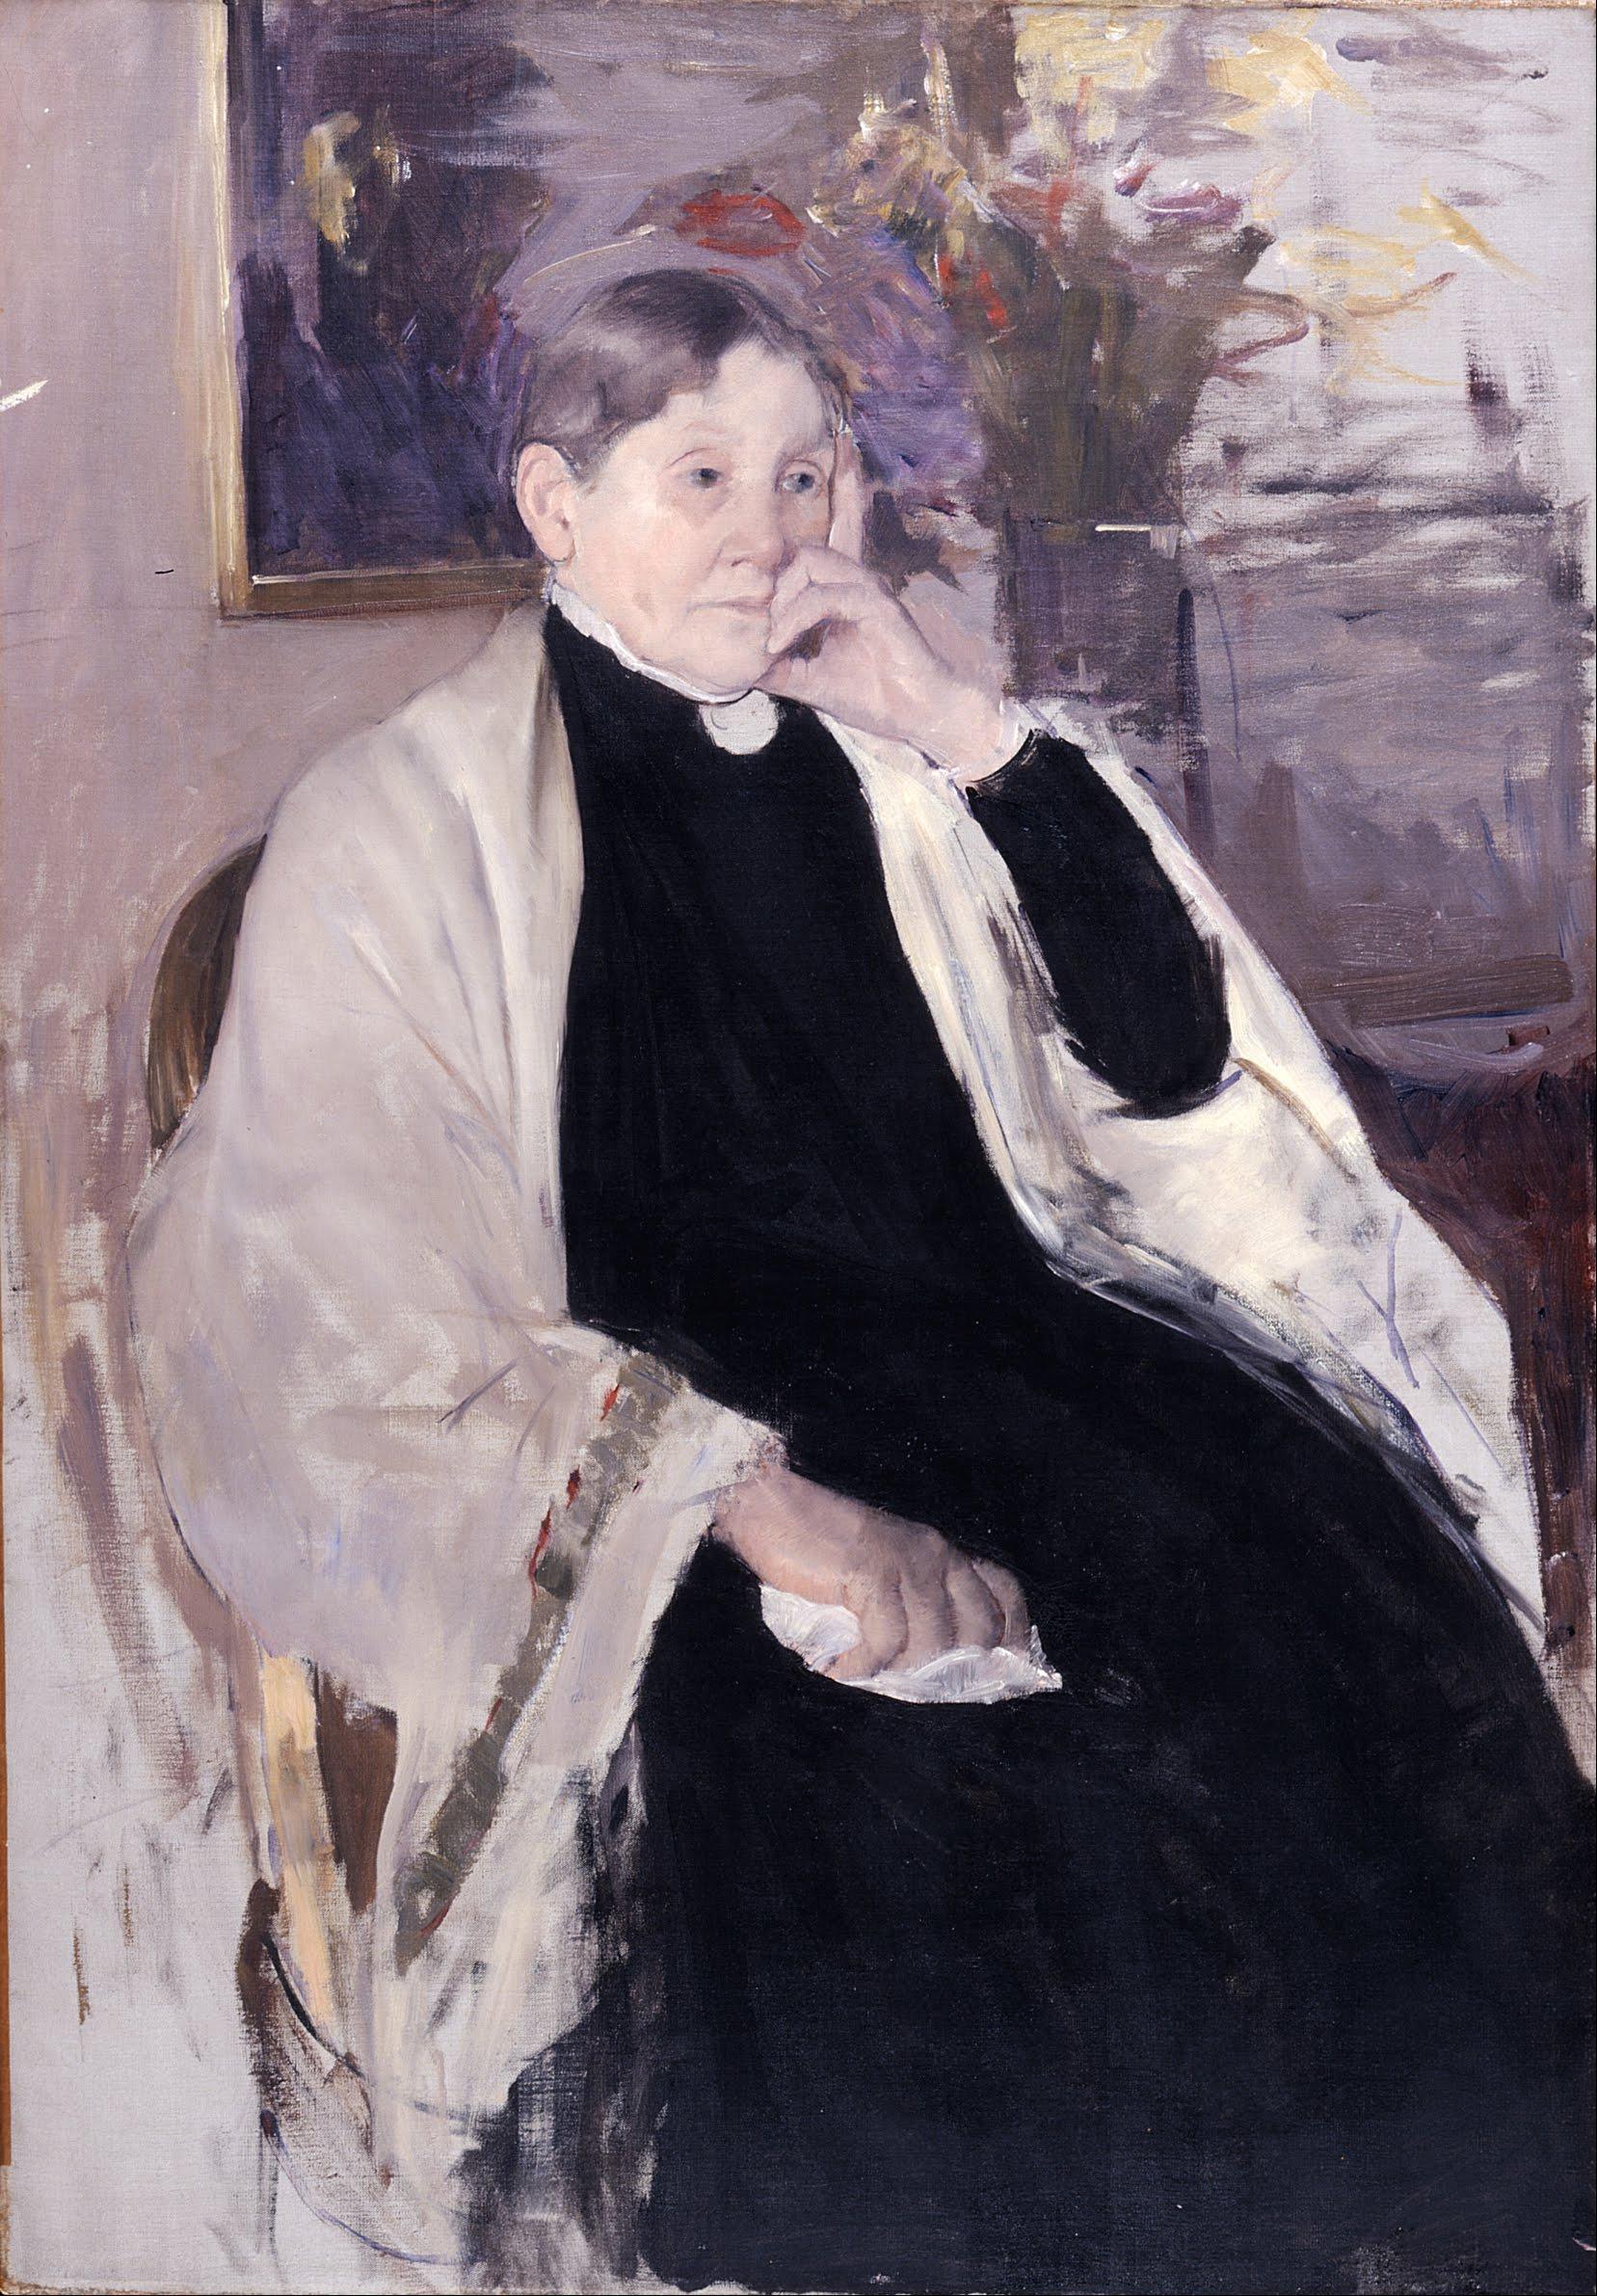 Mary_Cassatt_-_Mrs._Robert_S._Cassatt,_the_Artist's_Mother_-_Google_Art_Project.jpg